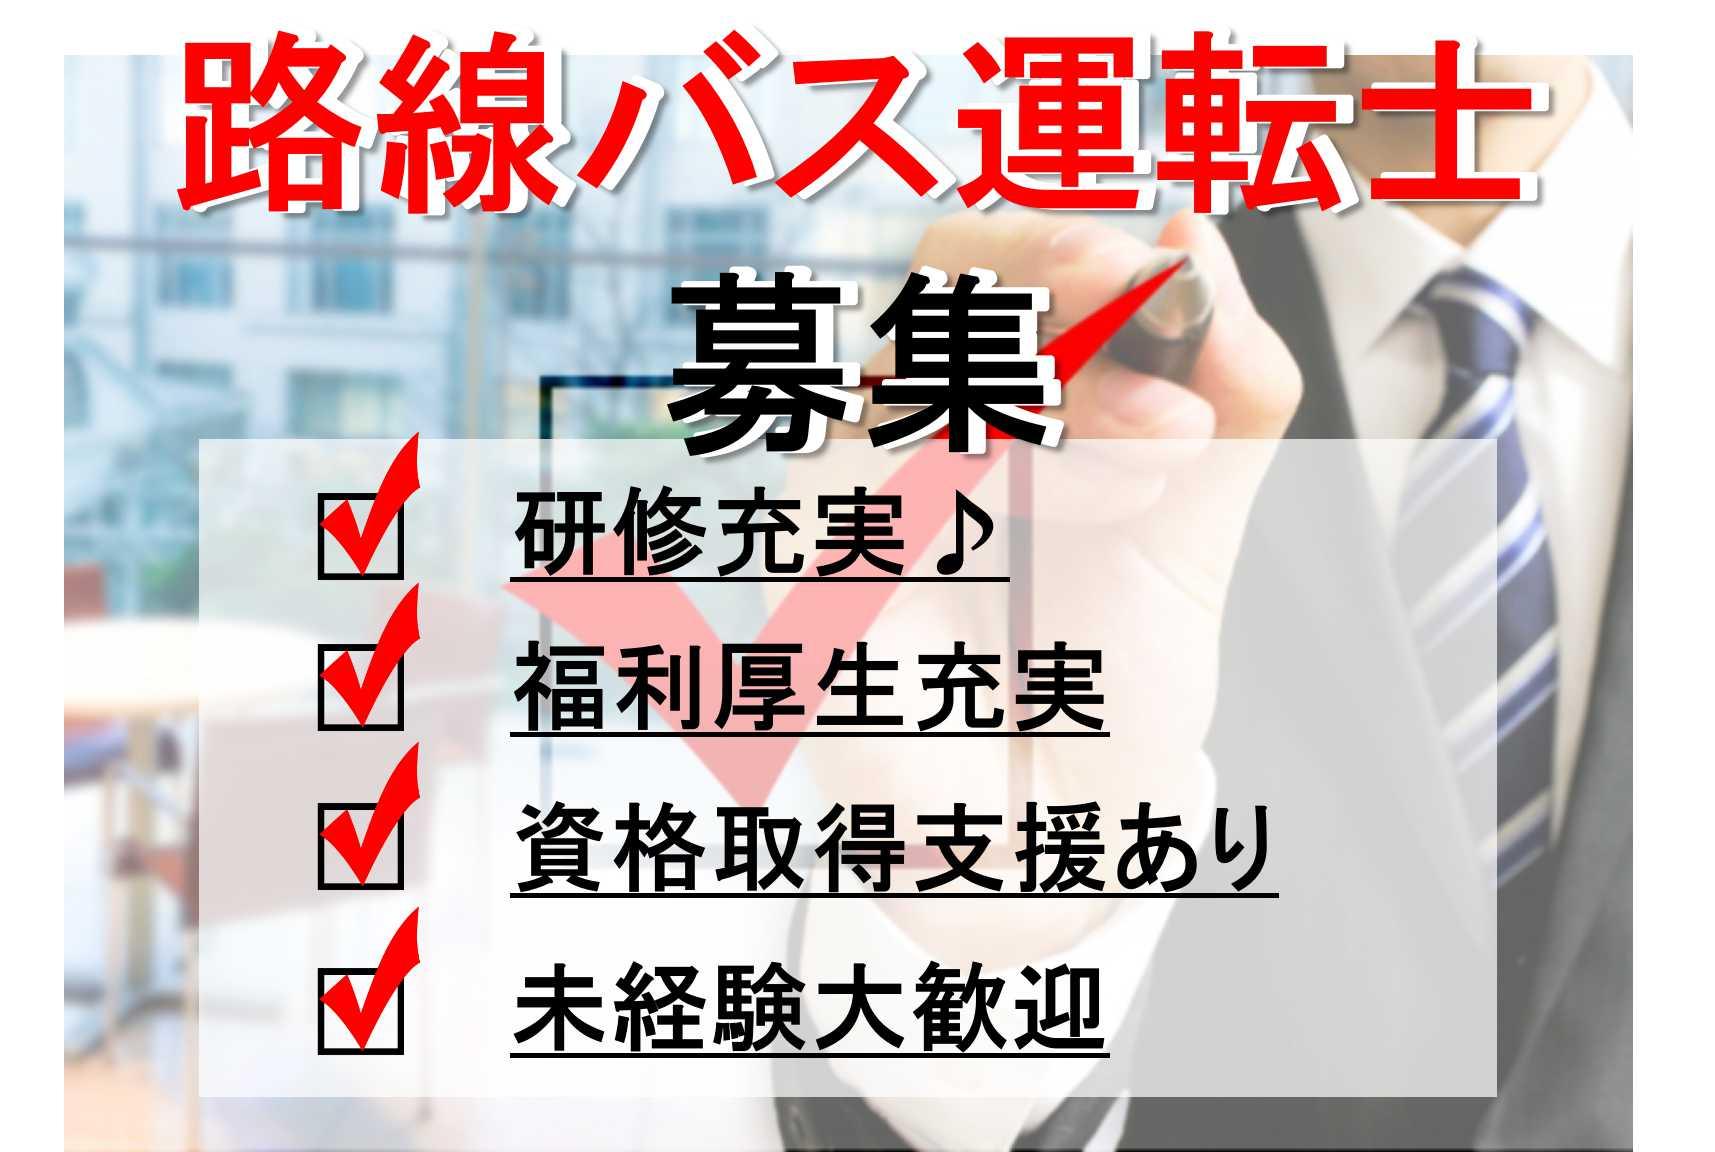 転勤なし!U・Iターン歓迎★路線バス運転士【即面談可能】 イメージ